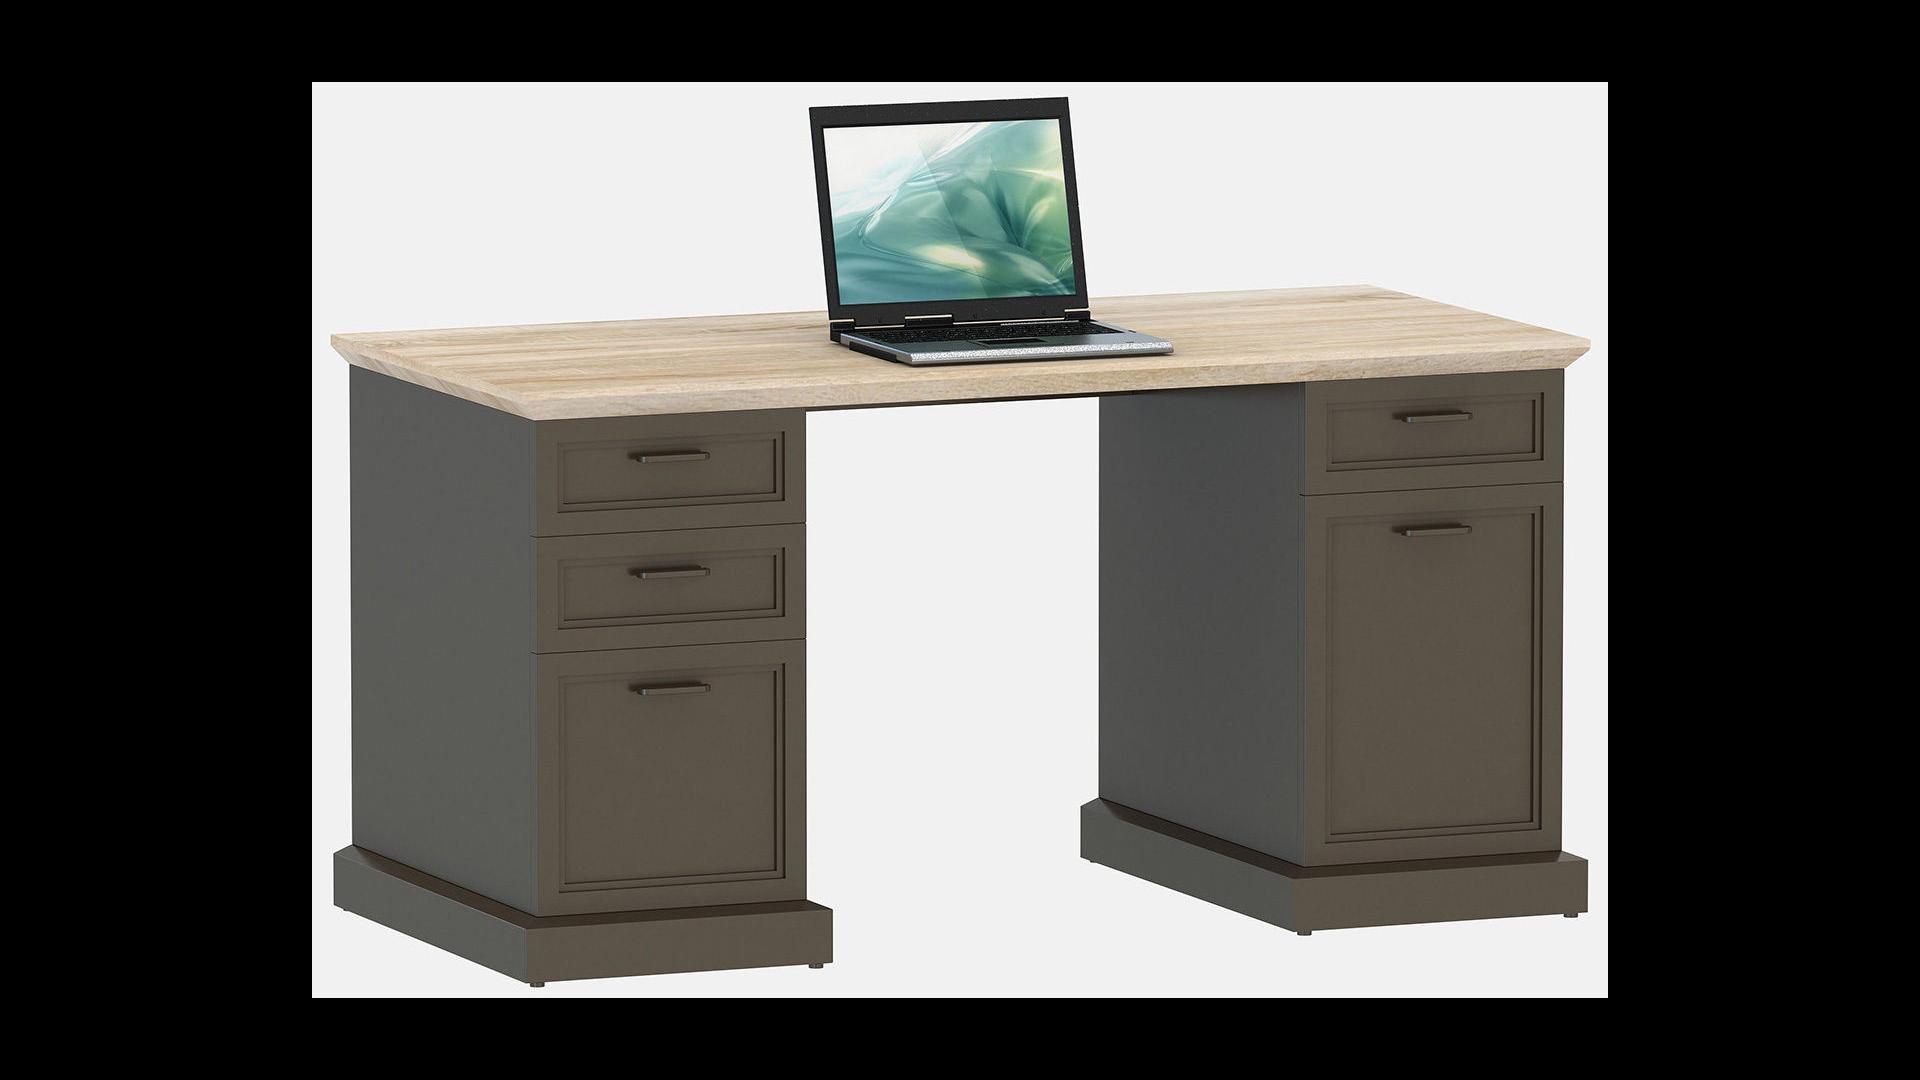 Schreibtisch classic desk 150 von jahnke g nstig bestellen for Schreibtisch 150